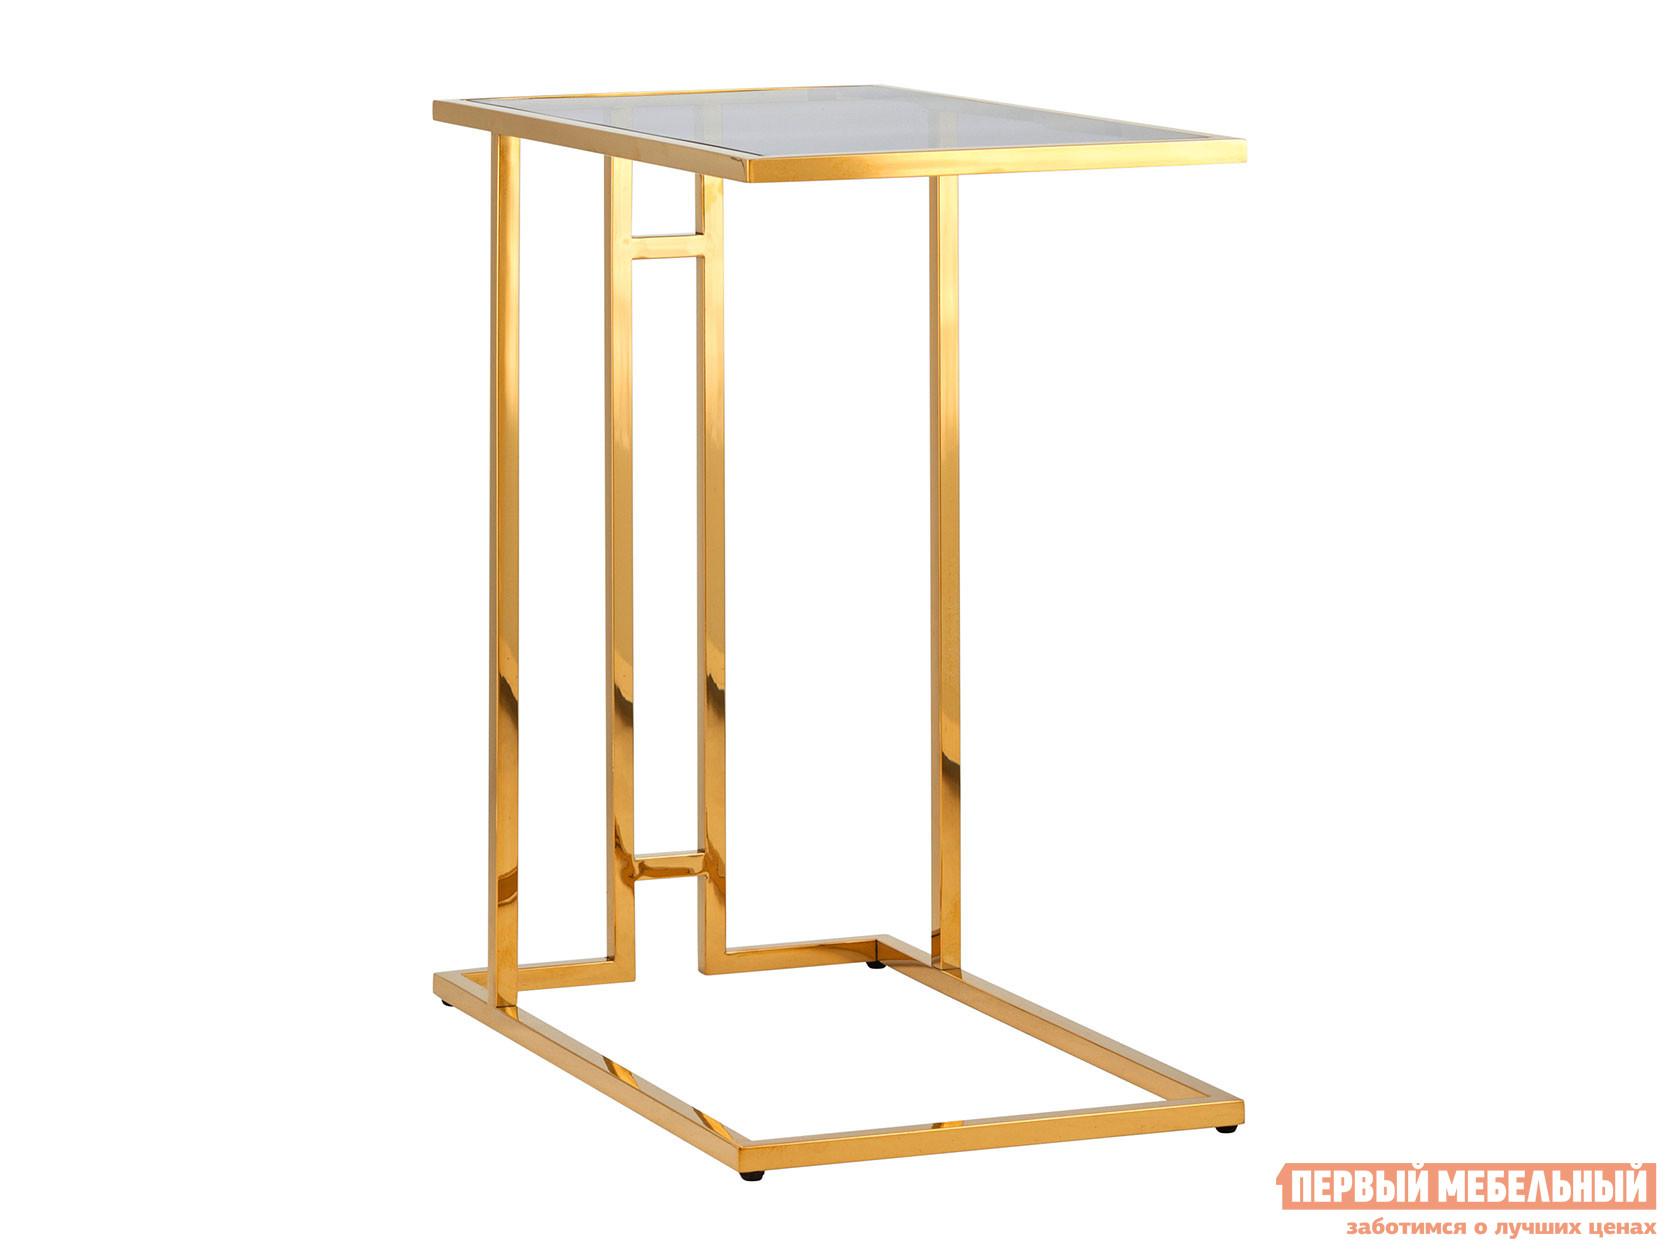 Журнальный столик  EET-061 Темное стекло / Сталь, золото STOOL GROUP 102571